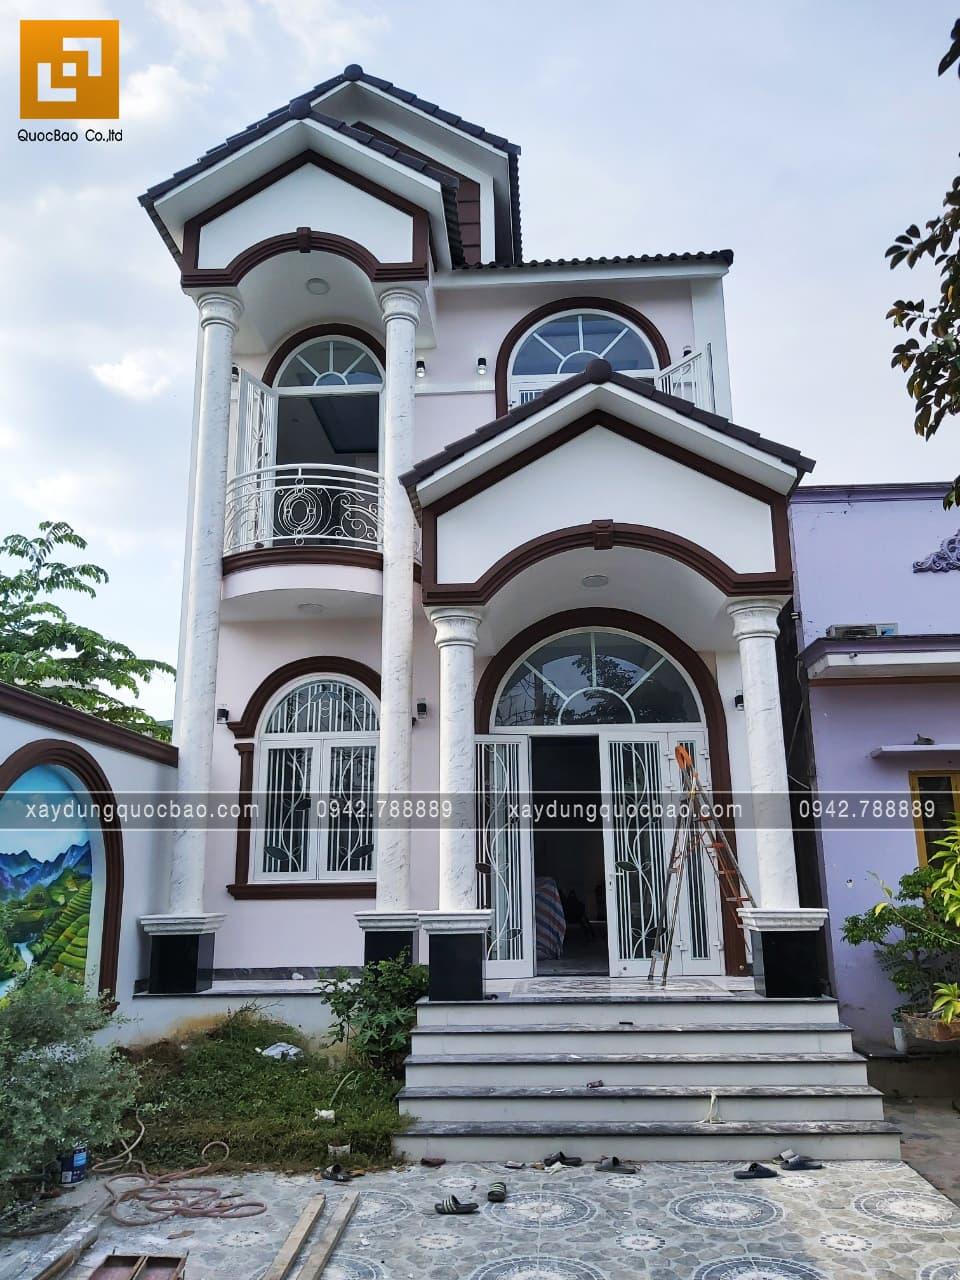 Biệt thự Tân cổ điển 2 tầng đẹp tại Biên Hòa của anh Tâm